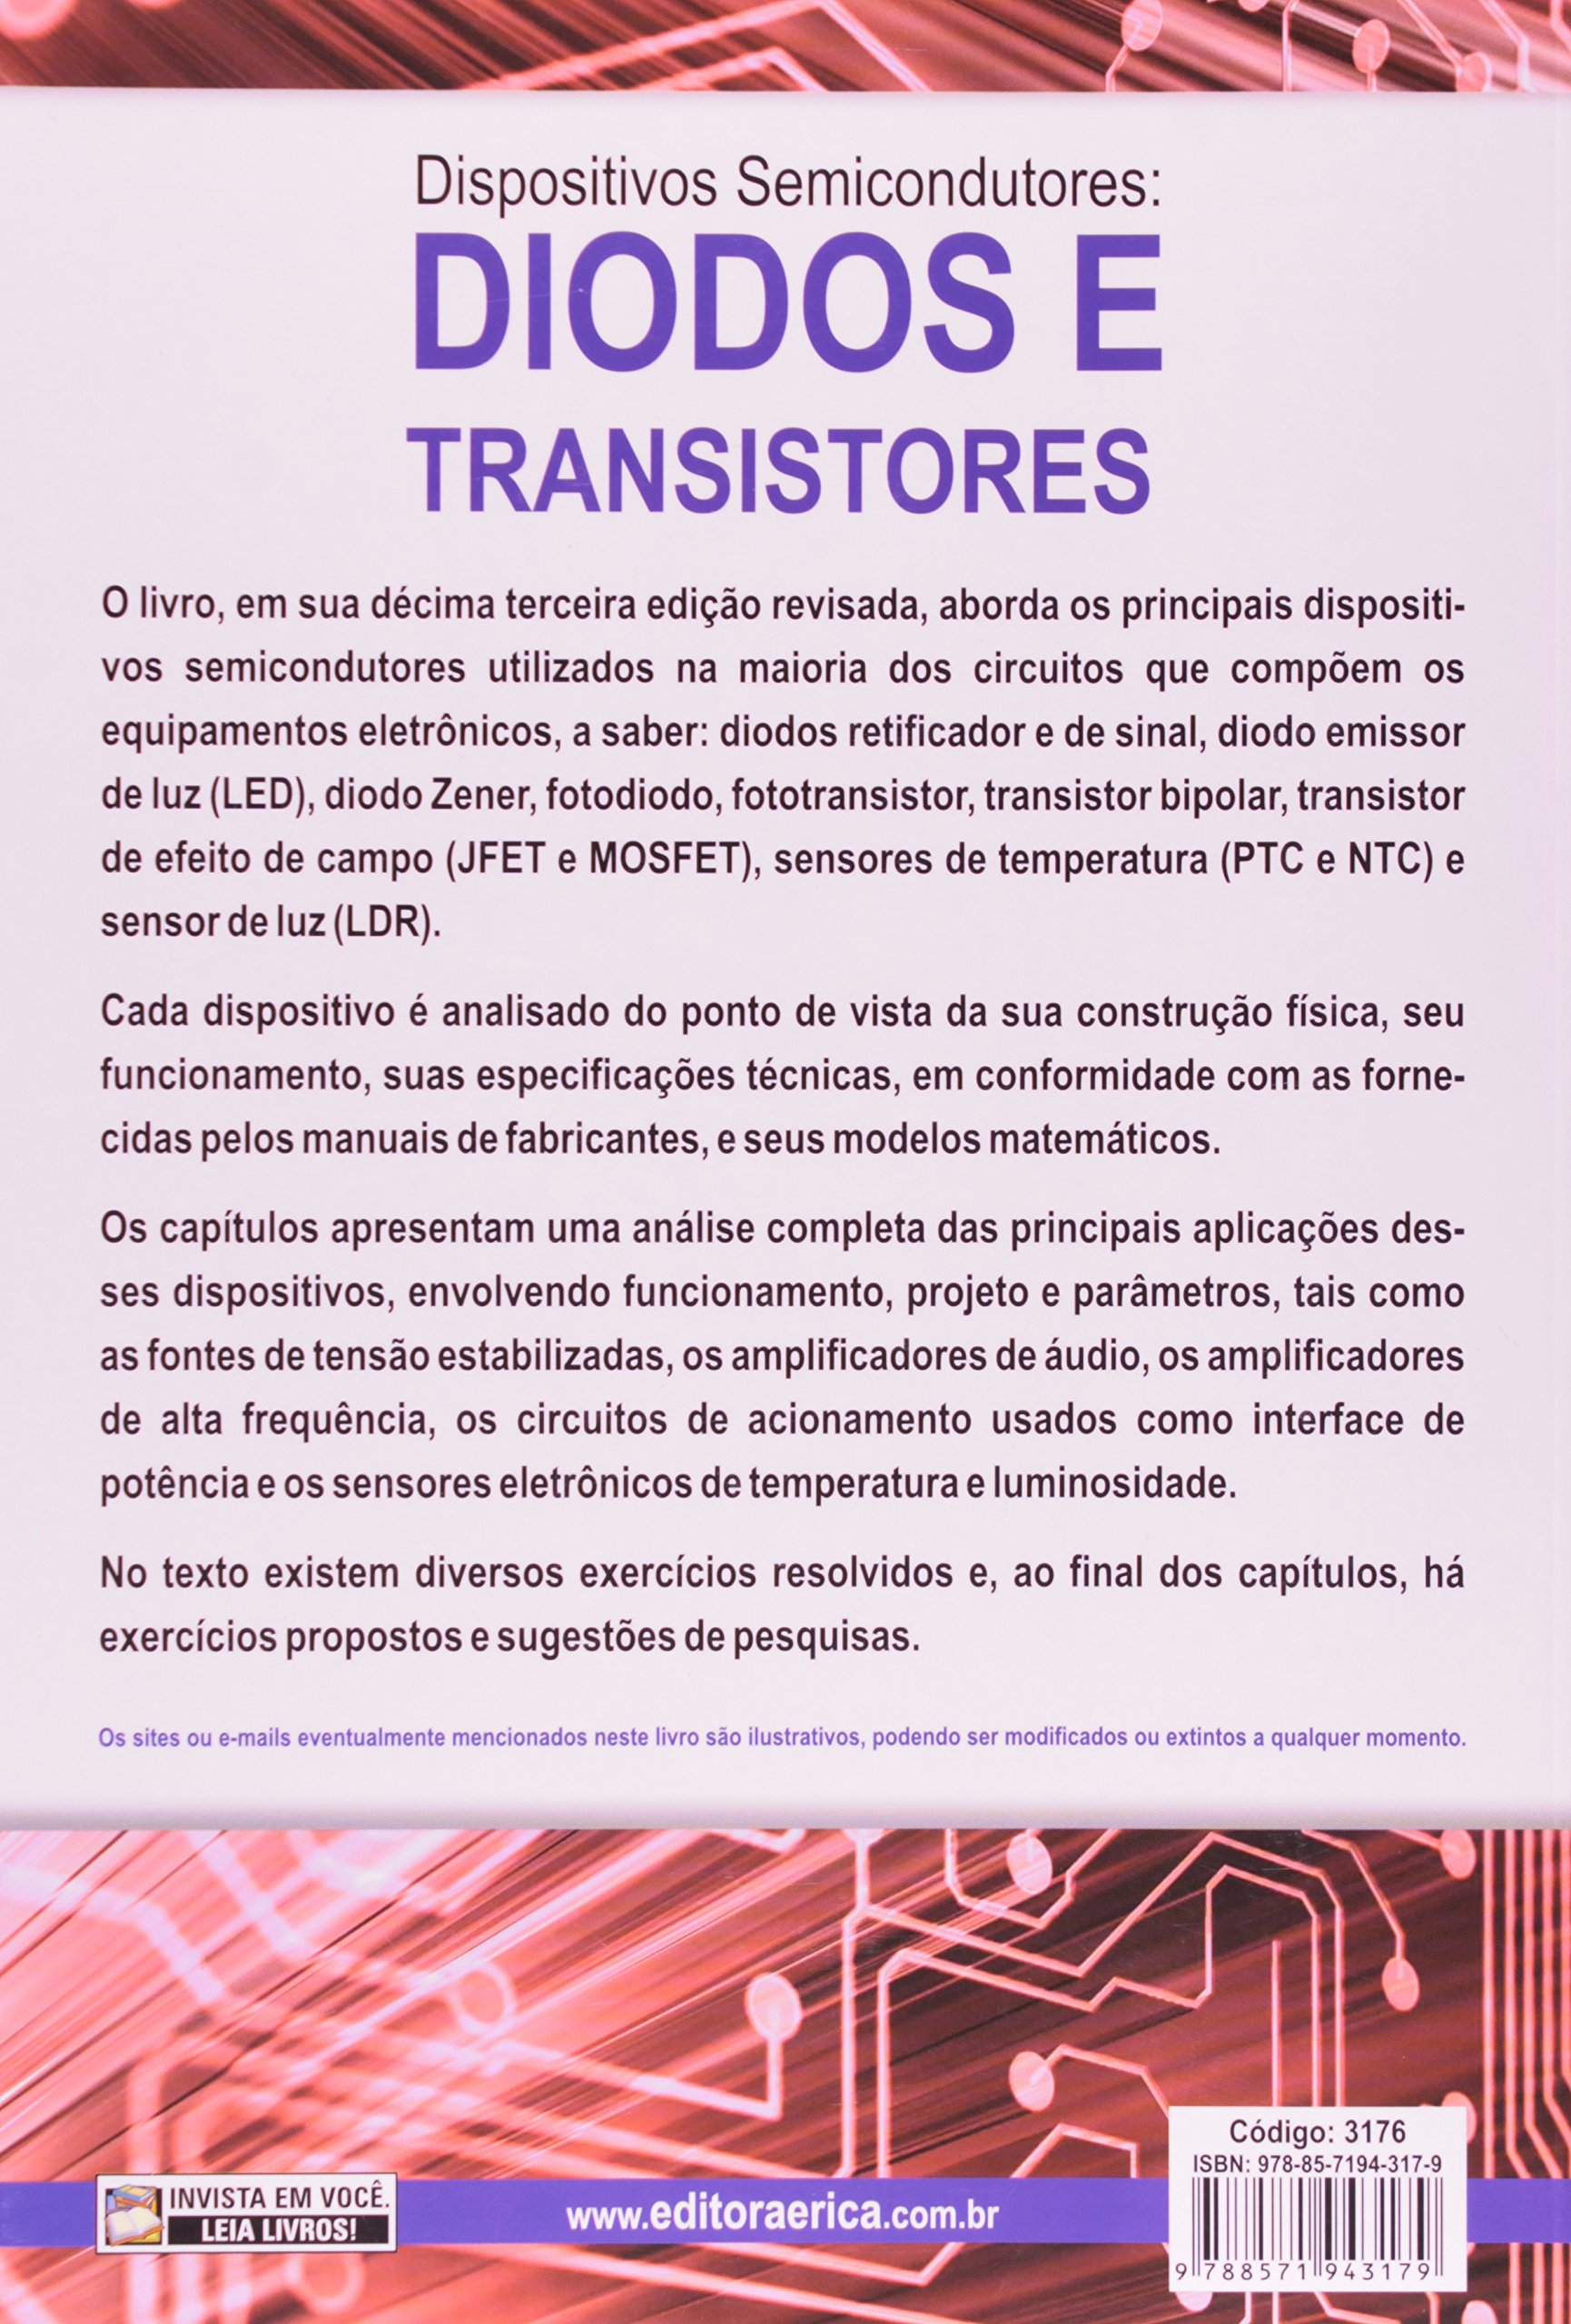 Diodos e Transistores: Eduardo Cesar A. Cruz e Salomão Choueri Júnior Angelo Eduardo B. Marques: 9788571943179: Amazon.com: Books